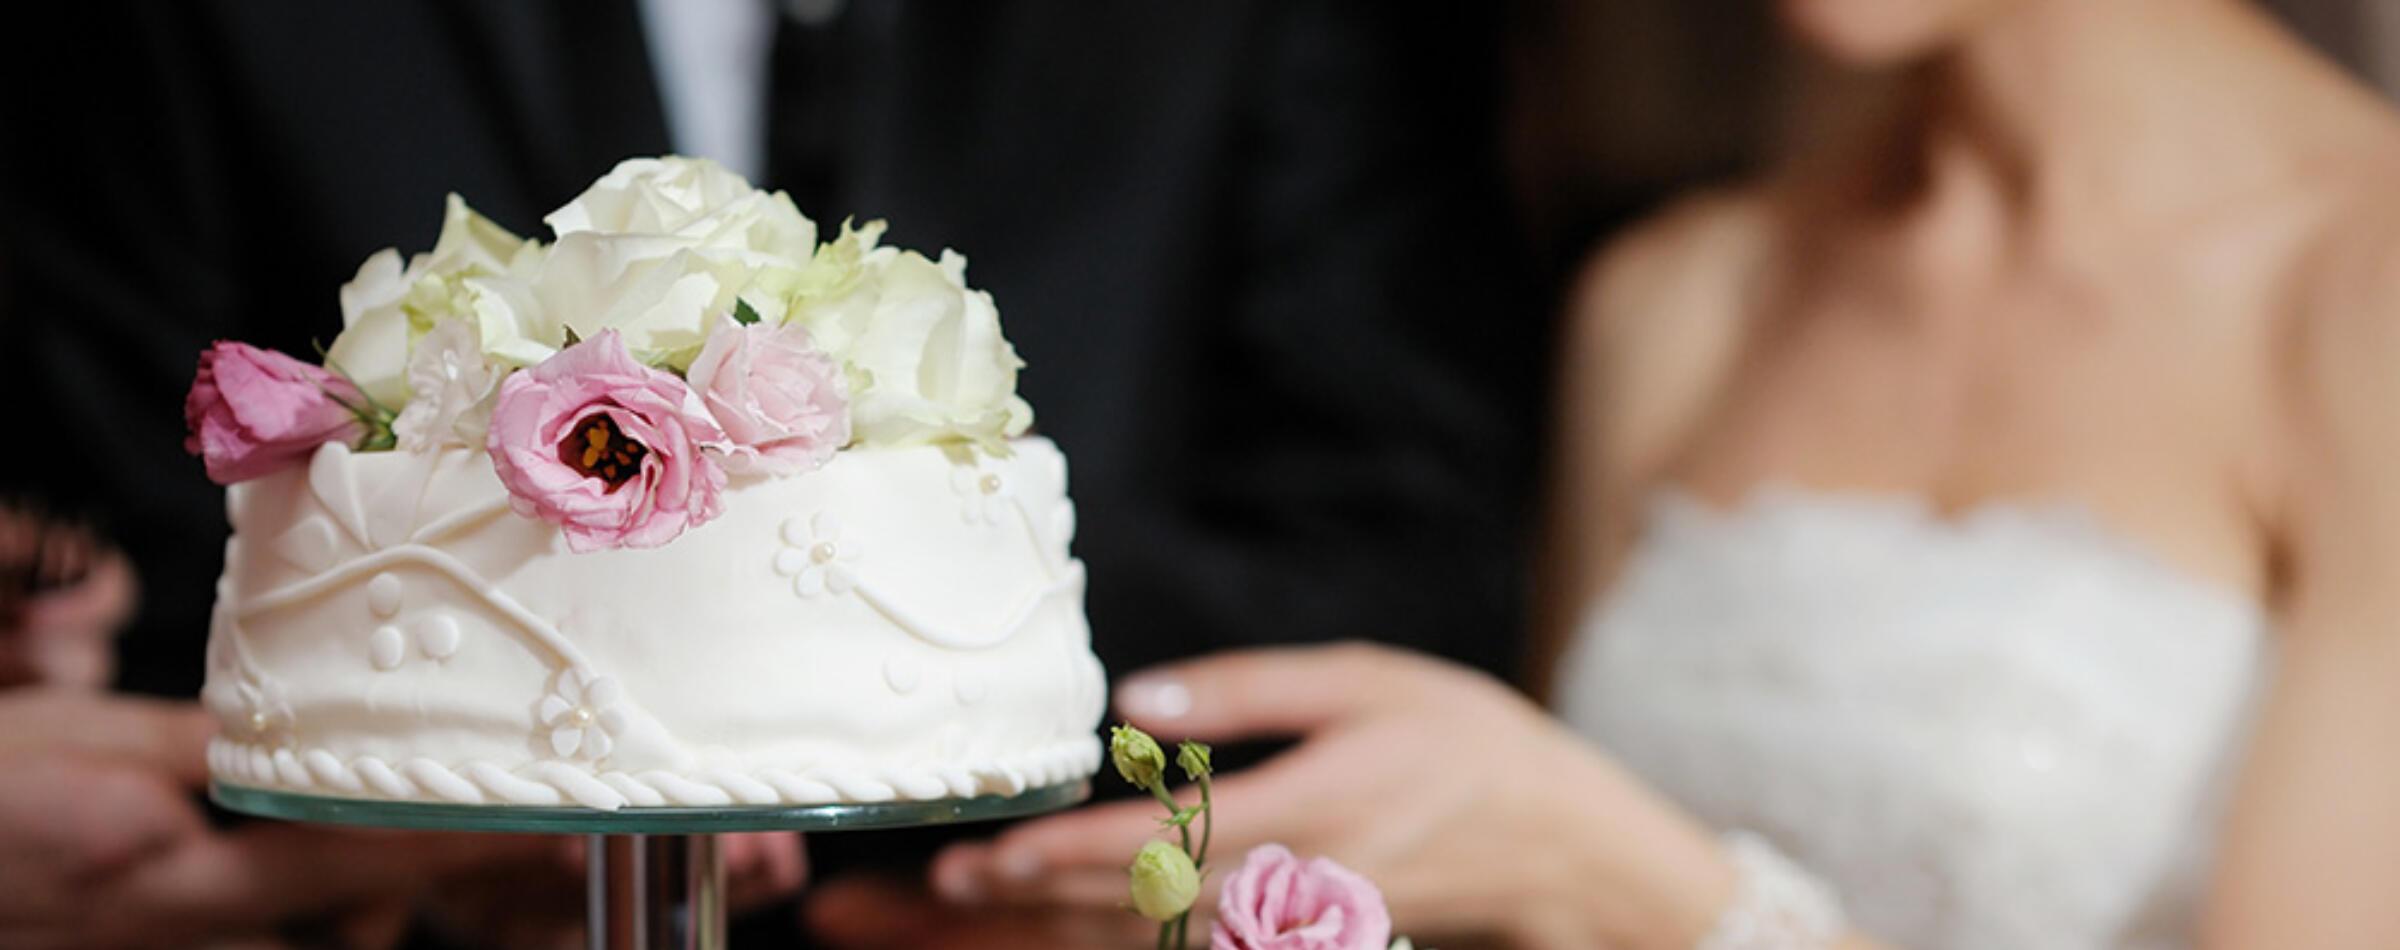 0128505c9cc4 Hur ser era drömmars bröllopstårta ut? | Ekberg Bröllopstårtor